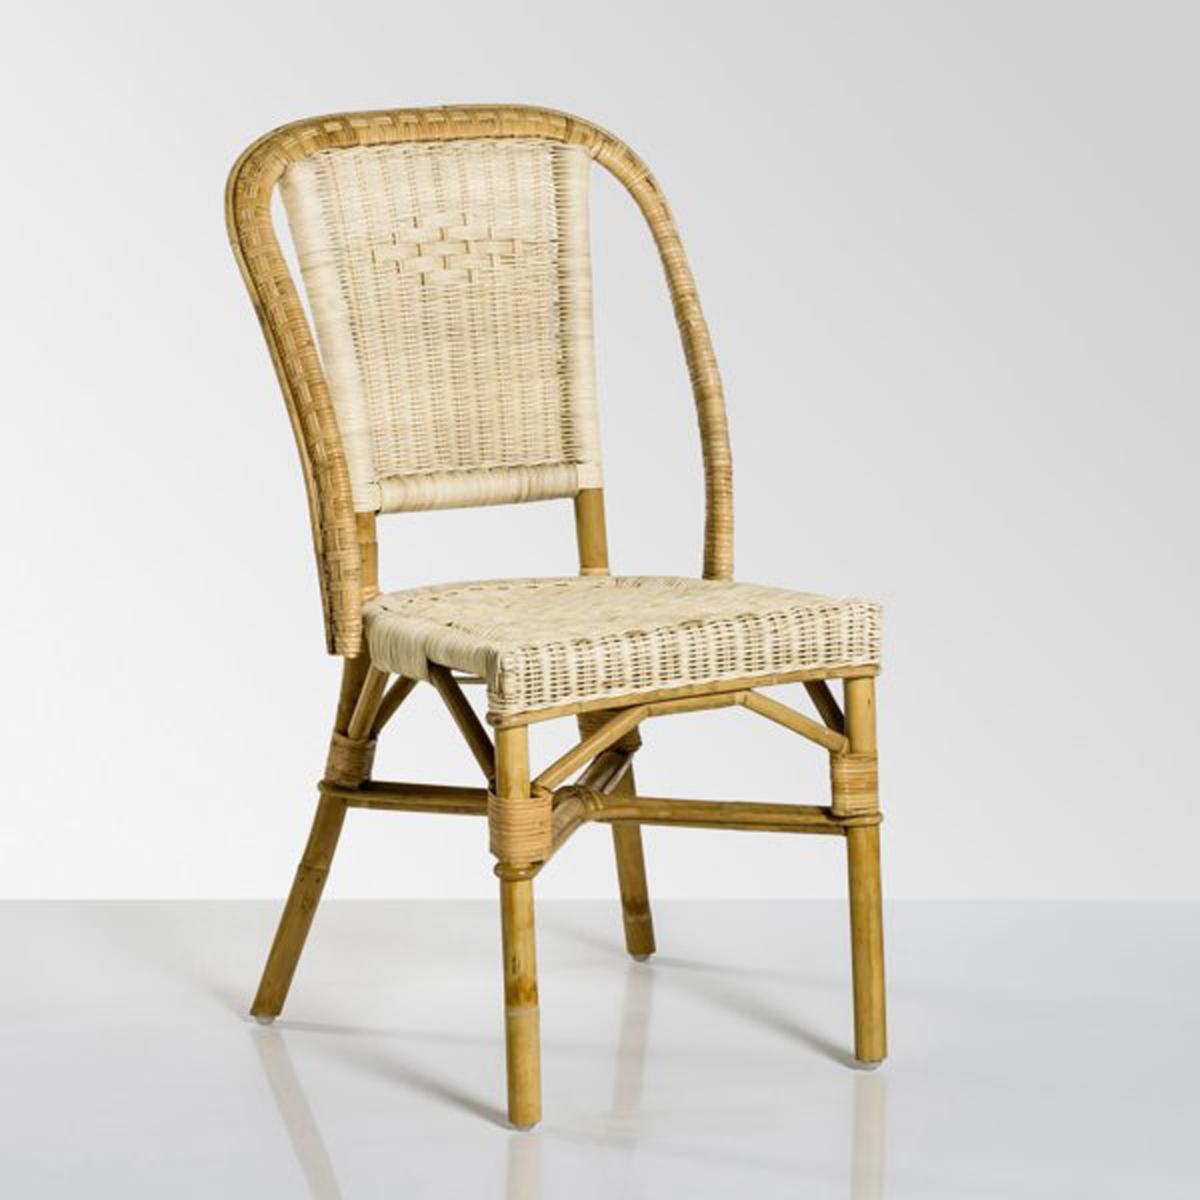 Стул La Redoute Садовый из натурального ротанга KOK Albertine единый размер бежевый мебель из ротанга